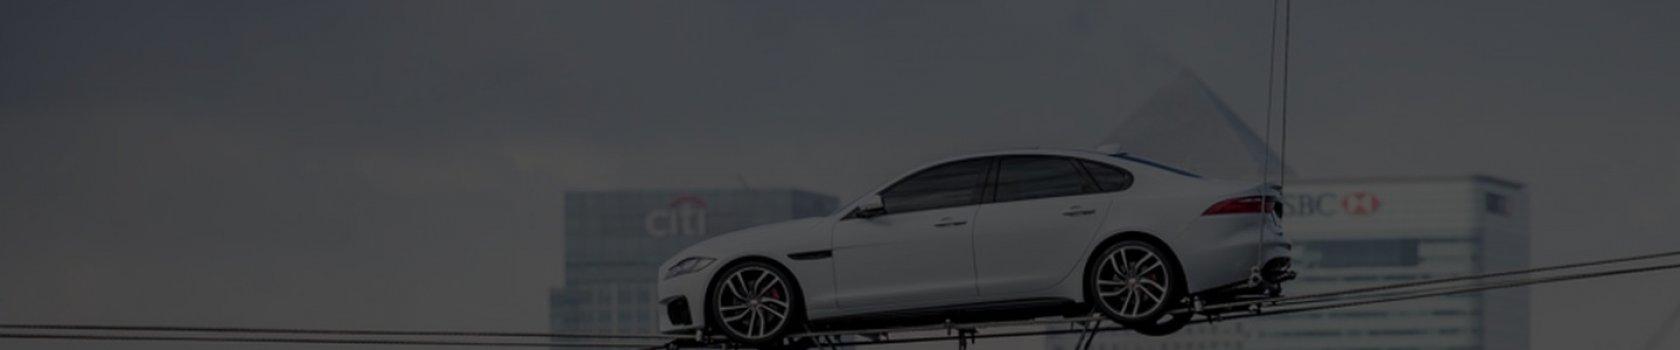 Jaguarxf11 Banner